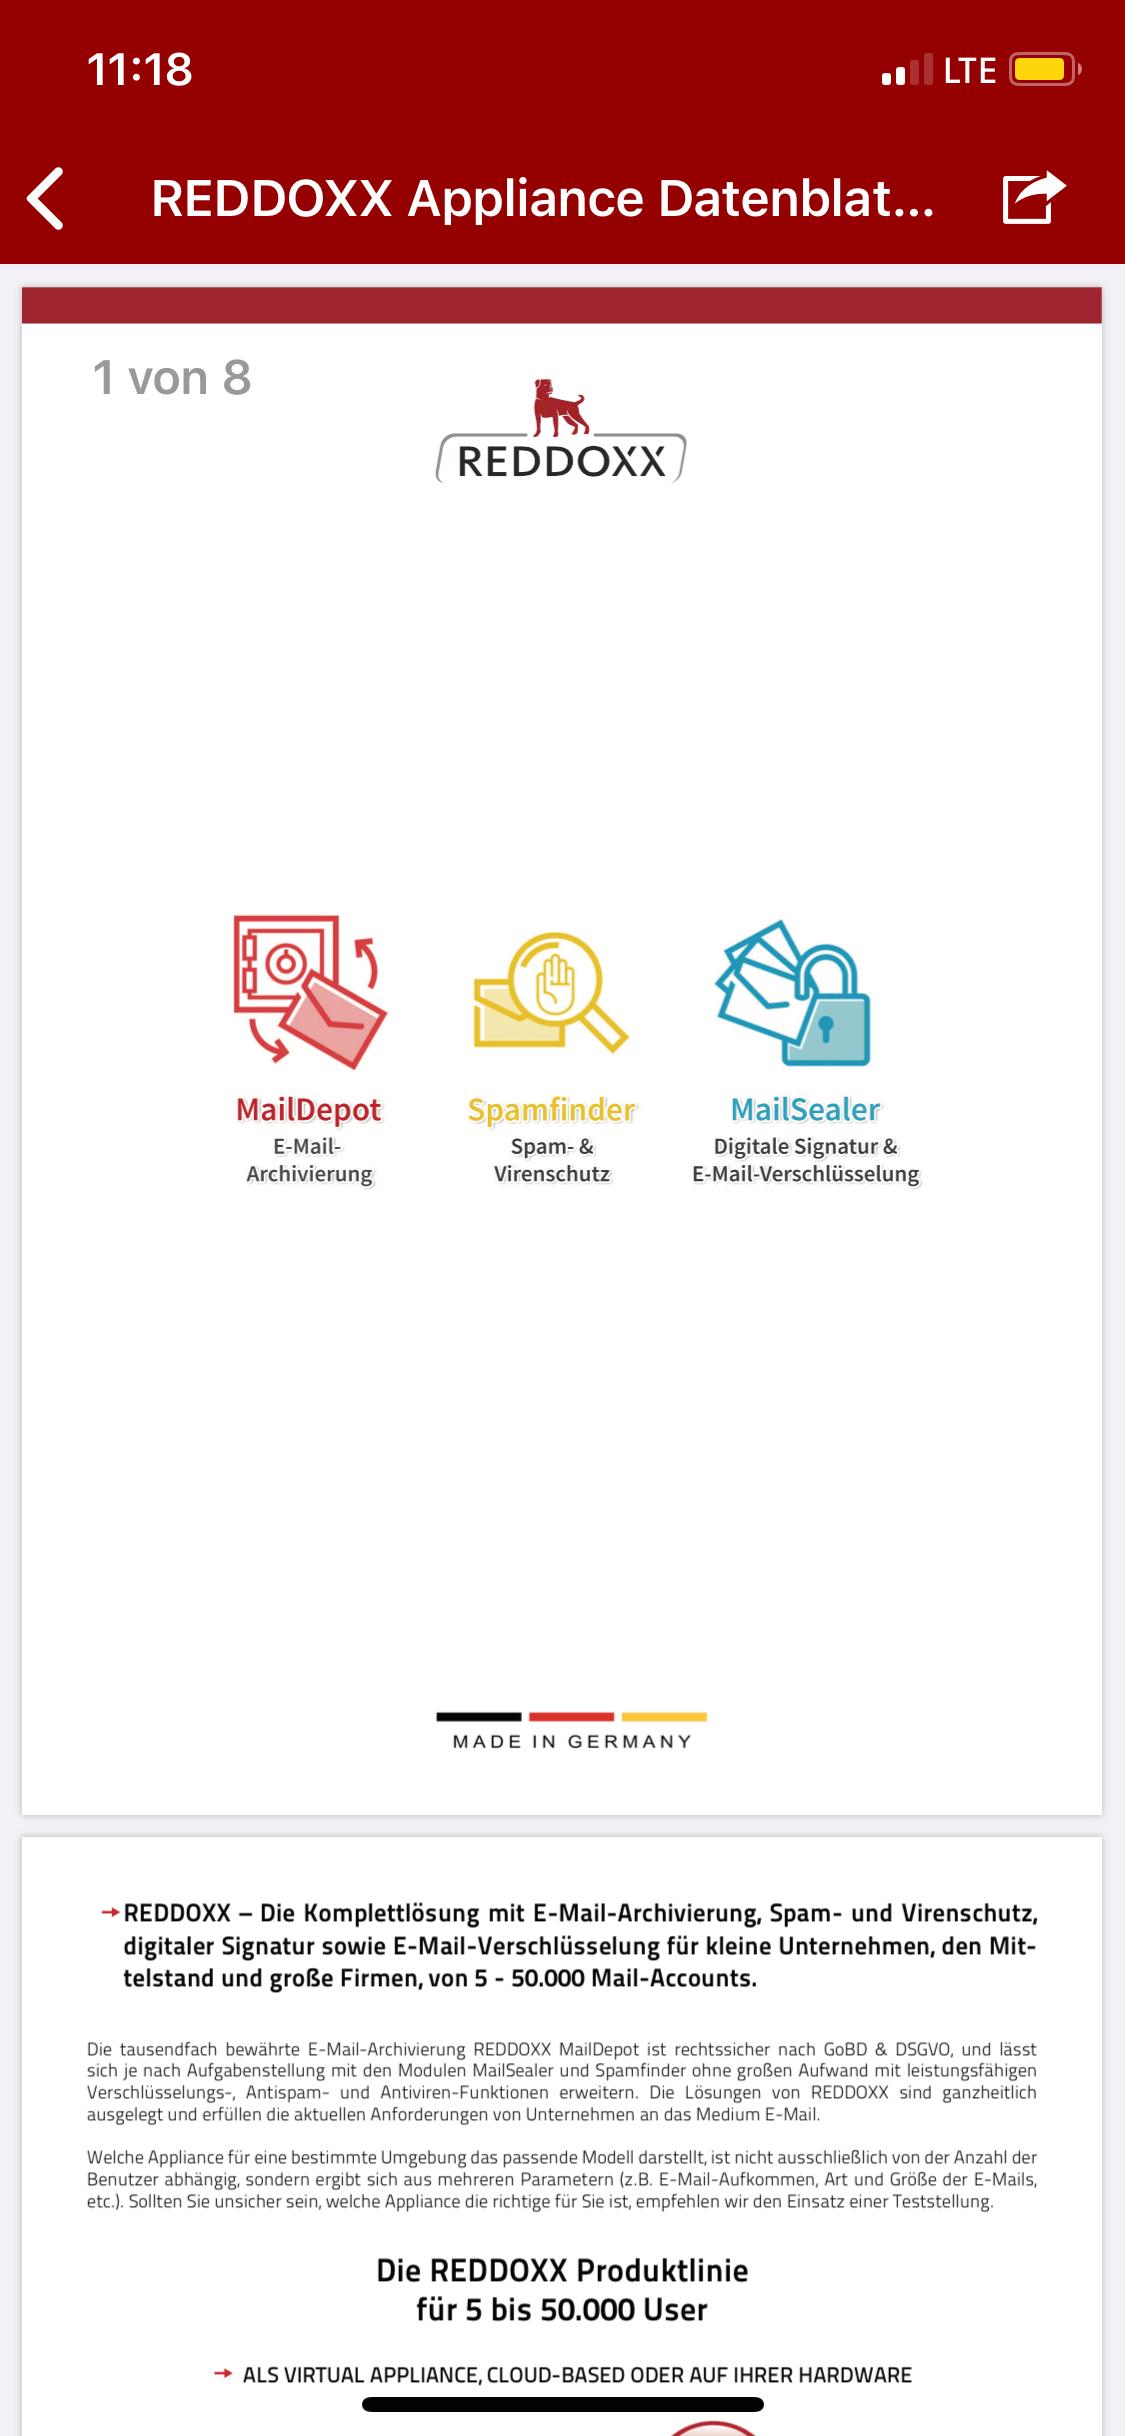 Auch in der REDDOXX Mobile App haben Sie Zugriff auf die Anhänge, die Sie per E-Mail erhalten und versendet haben